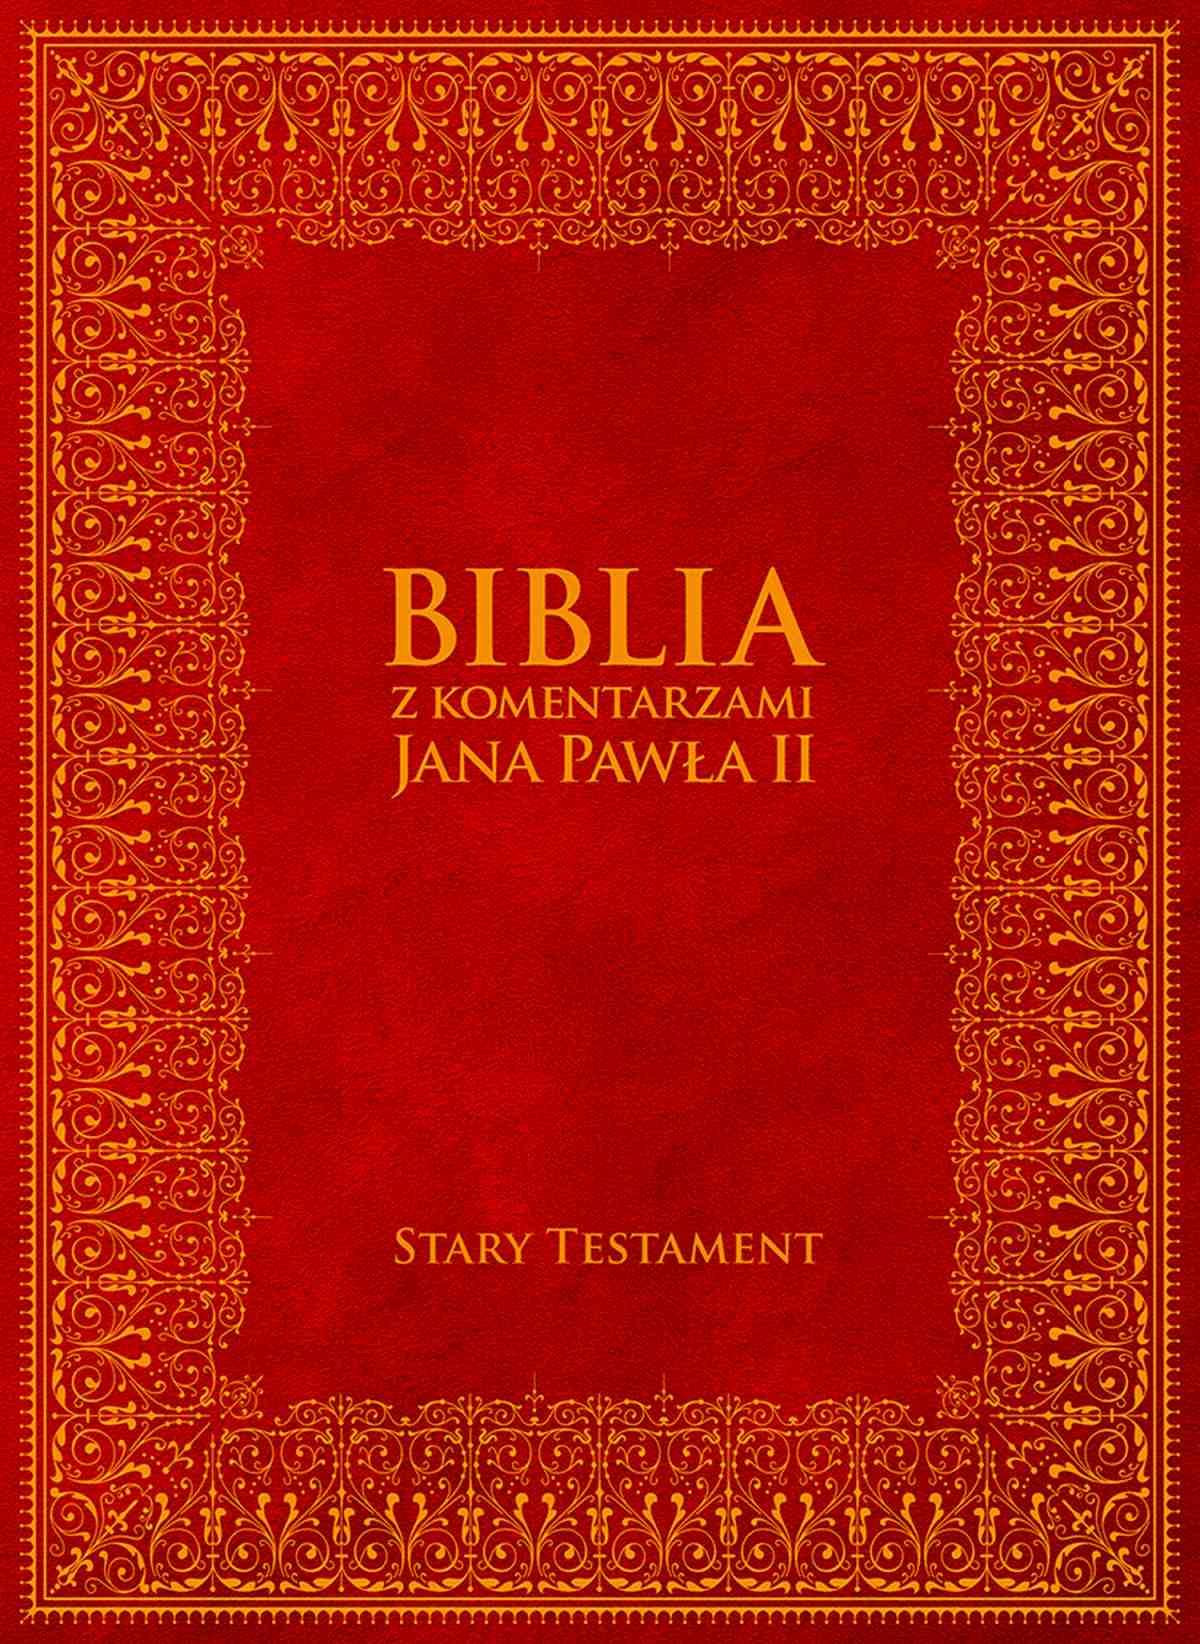 Biblia z Komentarzami Jana Pawła II. Stary Testament - Ebook (Książka EPUB) do pobrania w formacie EPUB